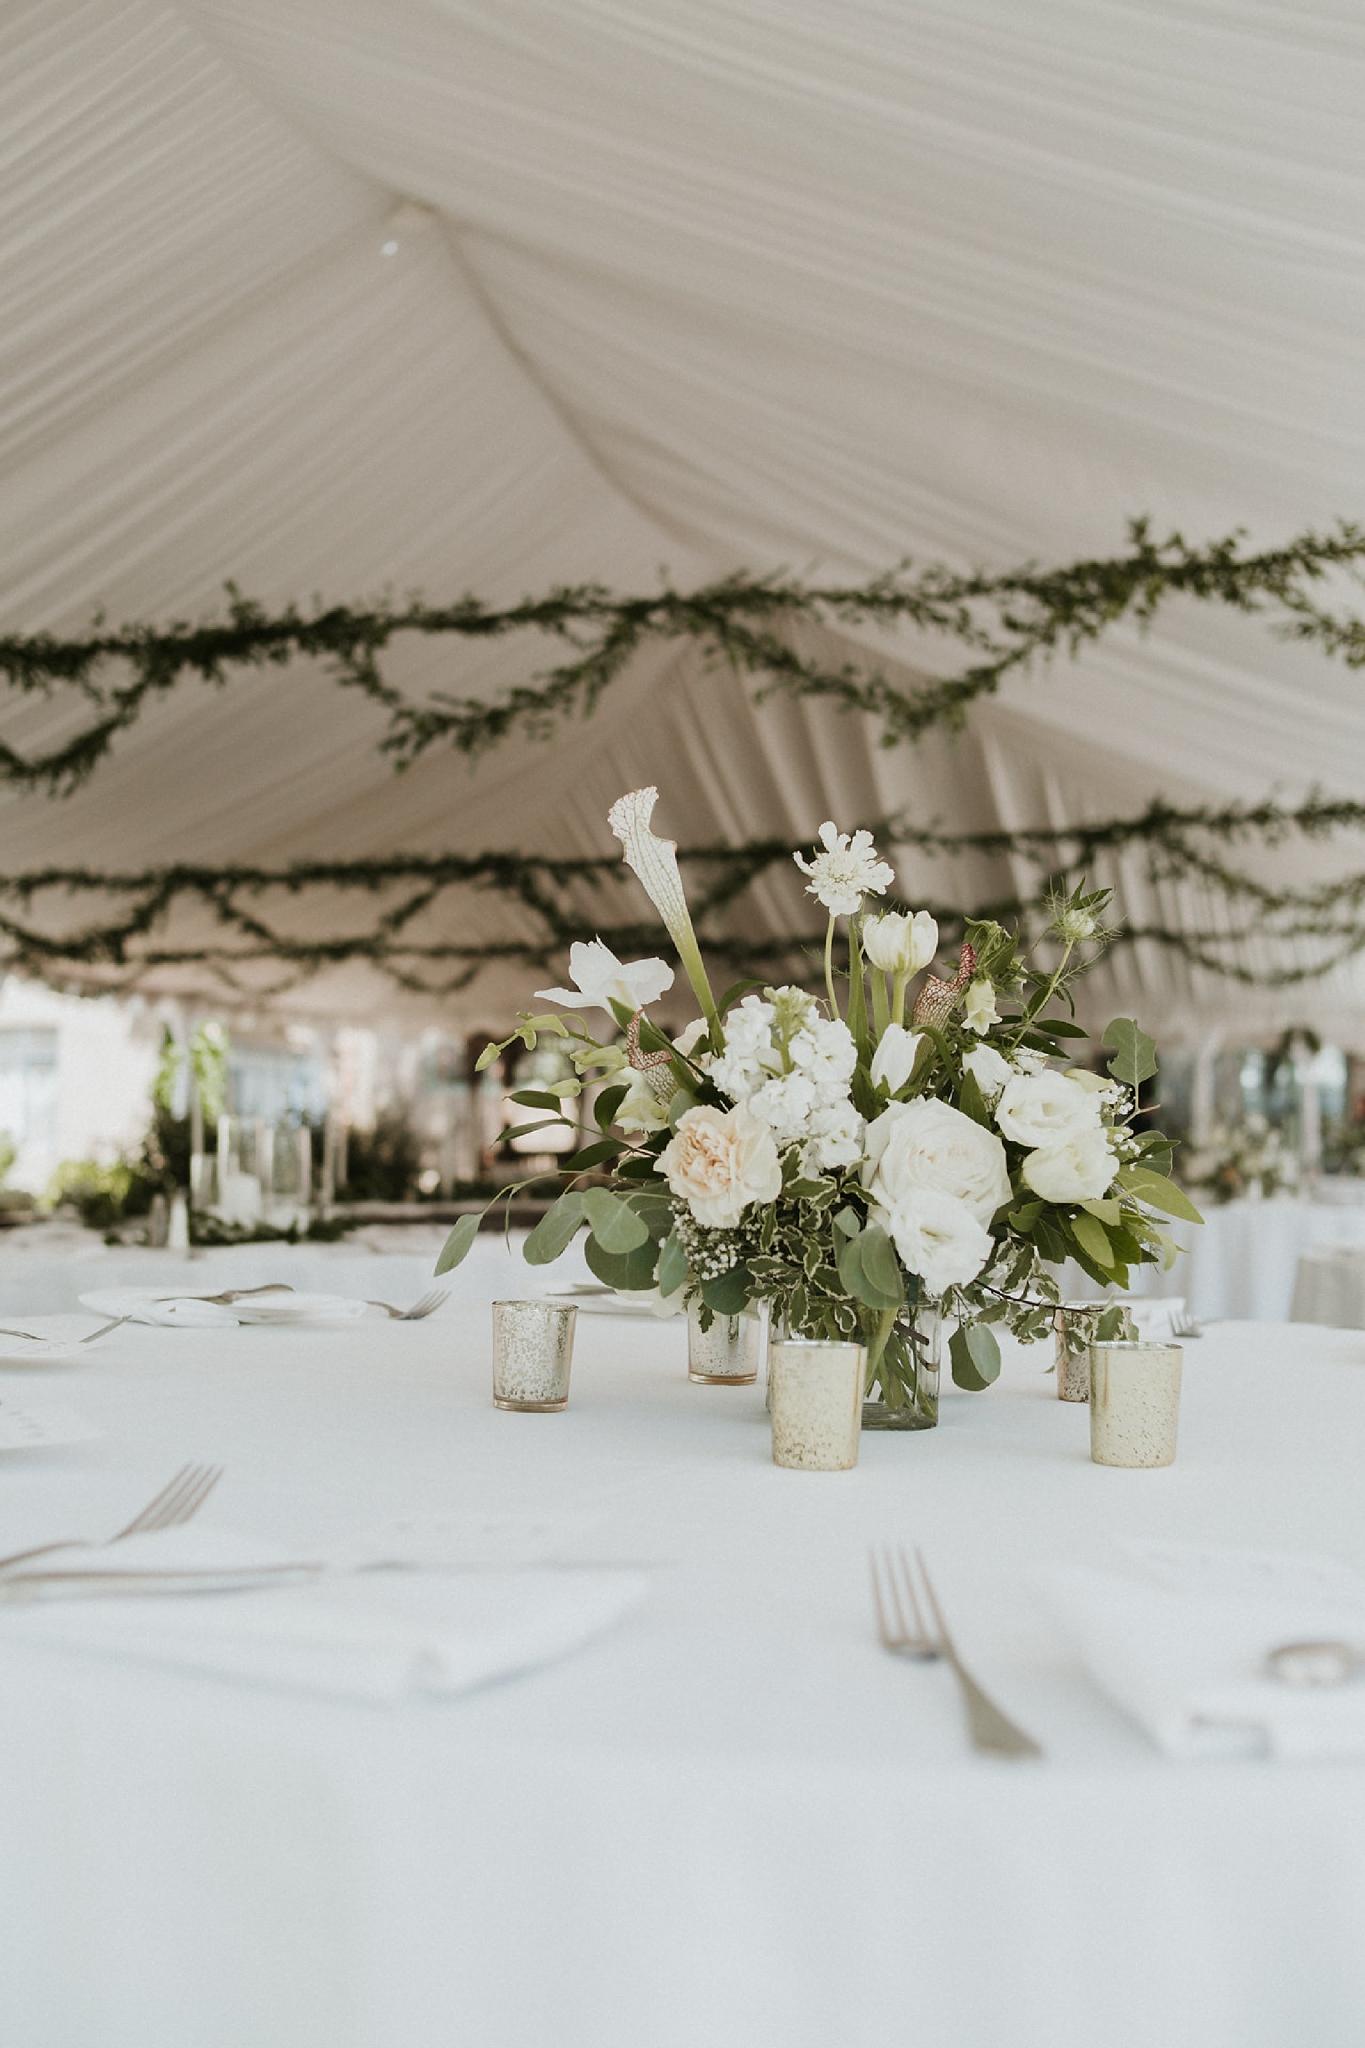 Alicia+lucia+photography+-+albuquerque+wedding+photographer+-+santa+fe+wedding+photography+-+new+mexico+wedding+photographer+-+new+mexico+florist+-+wedding+florist+-+renegade+floral_0018.jpg